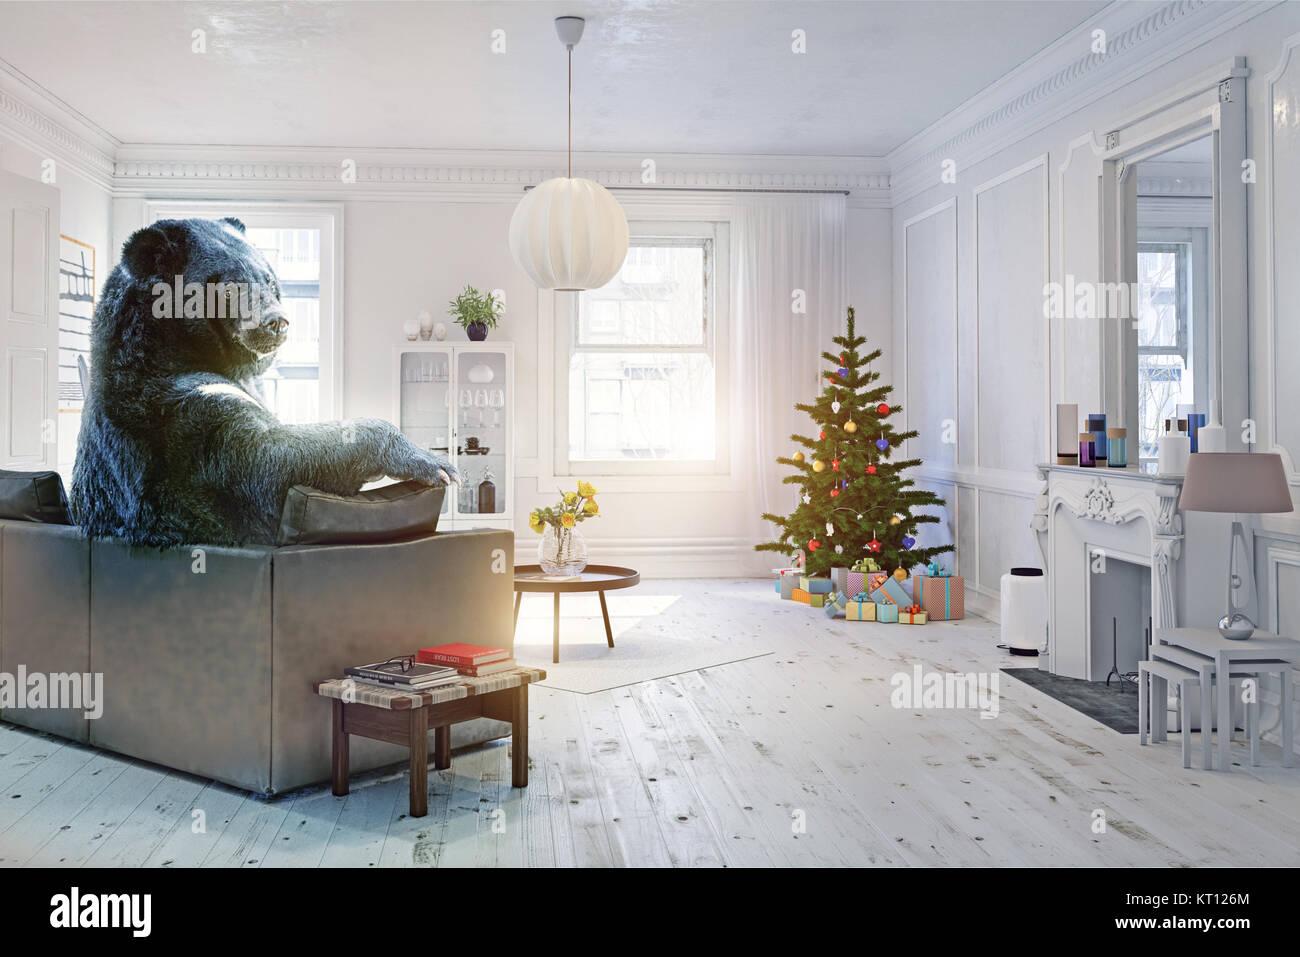 El oso relajante en la fiesta de Navidad decorada en el sofá. Ilustración creativa. Foto y combinación Imagen De Stock